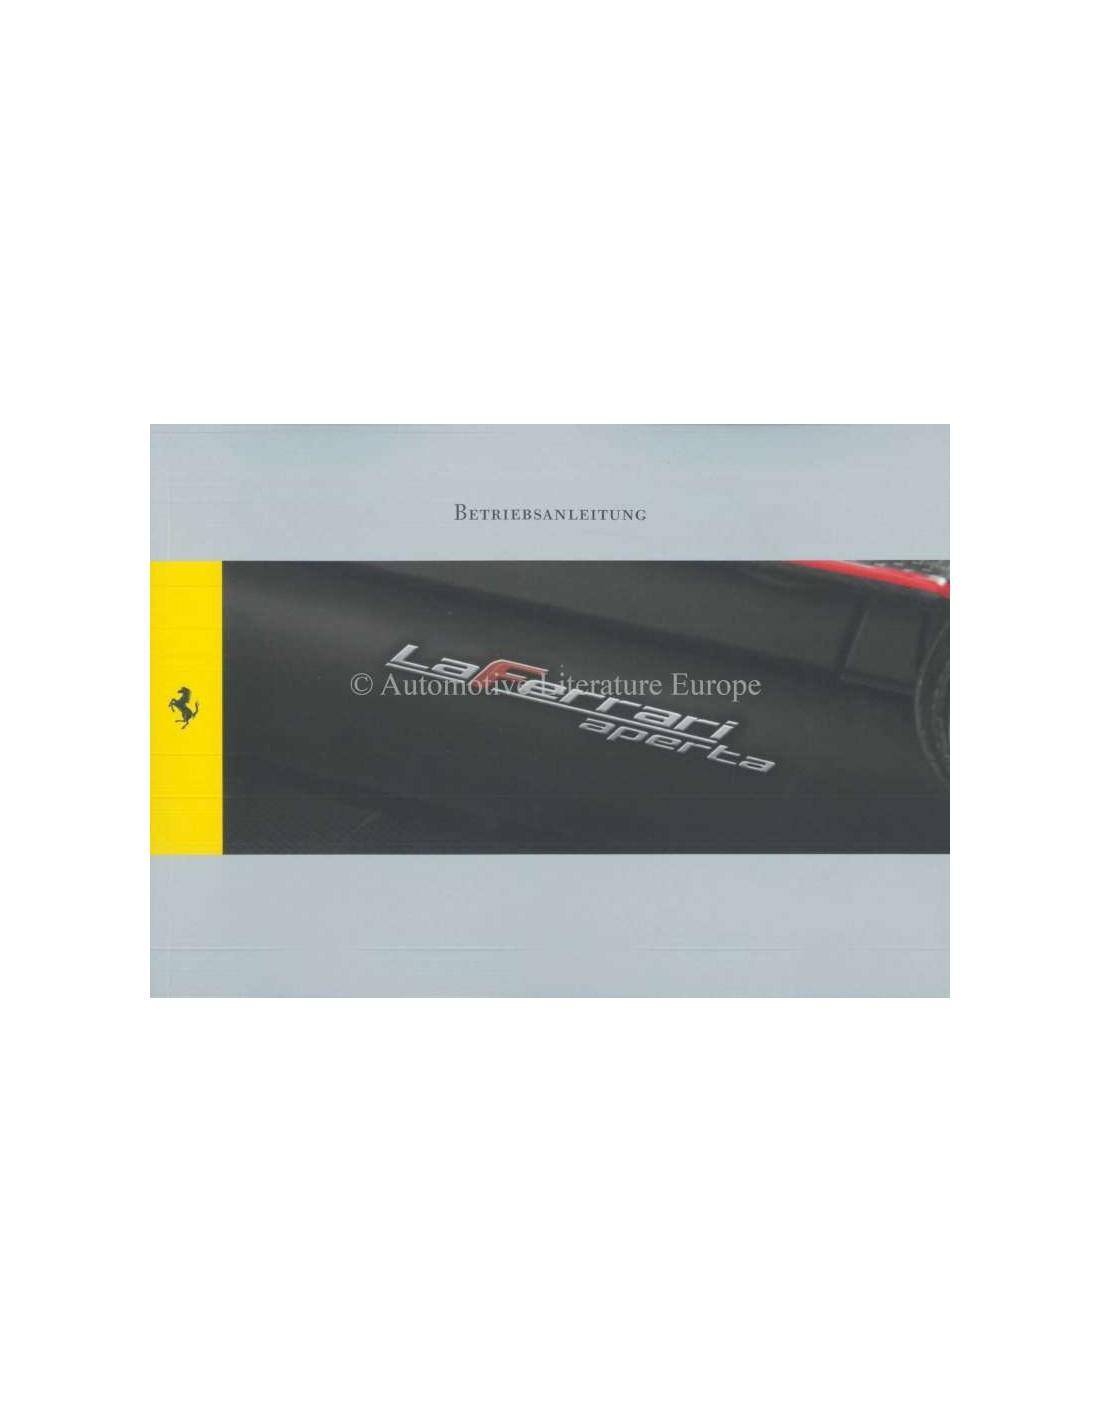 Ferrari Repair Manuals: 2016 FERRARI LAFERRARI APERTA OWNERS MANUAL GERMAN